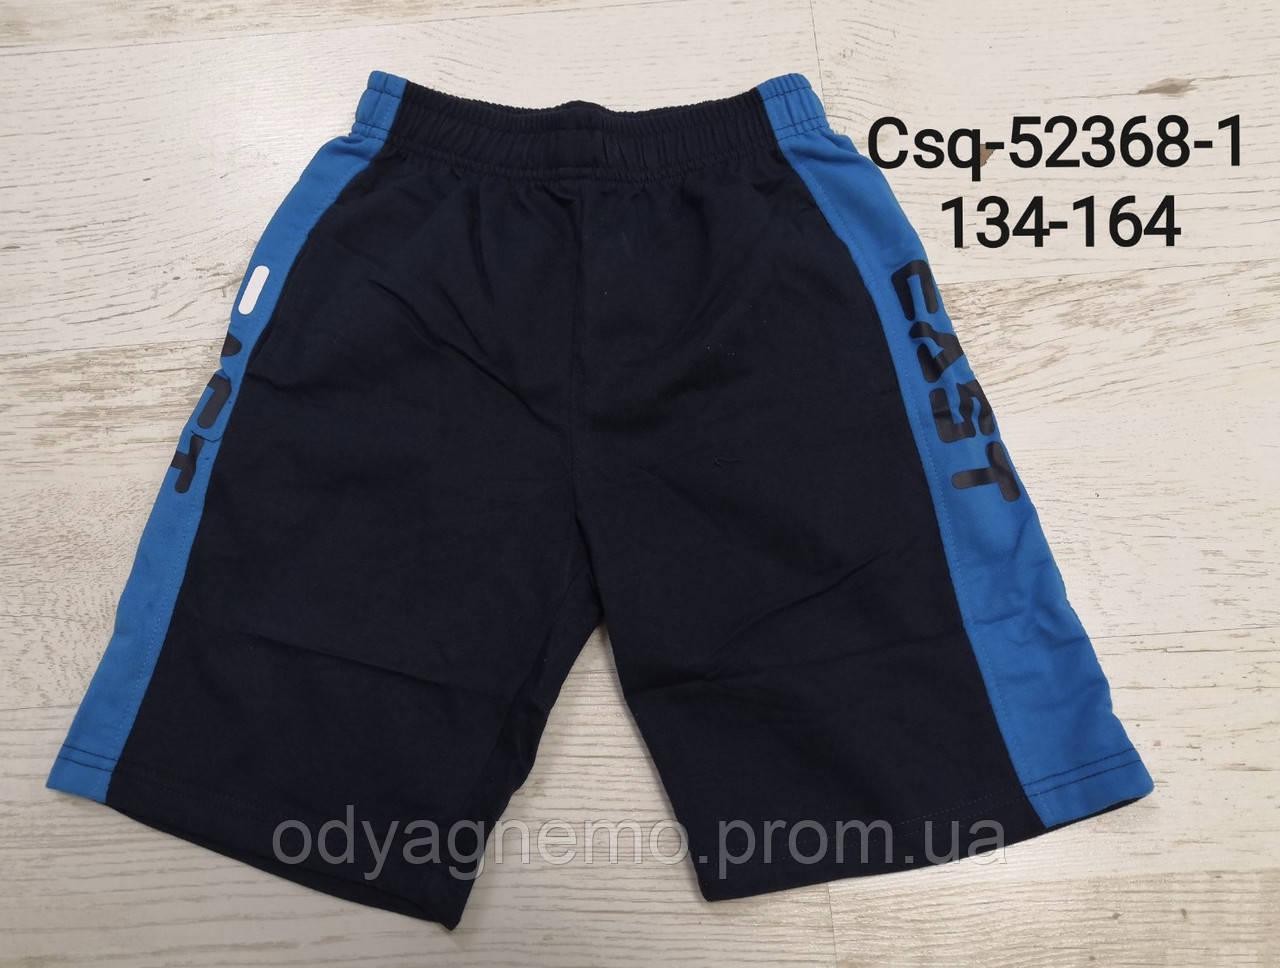 Трикотажные шорты для мальчиков MR David, 134-164 pp. Артикул: CSQ52368-1